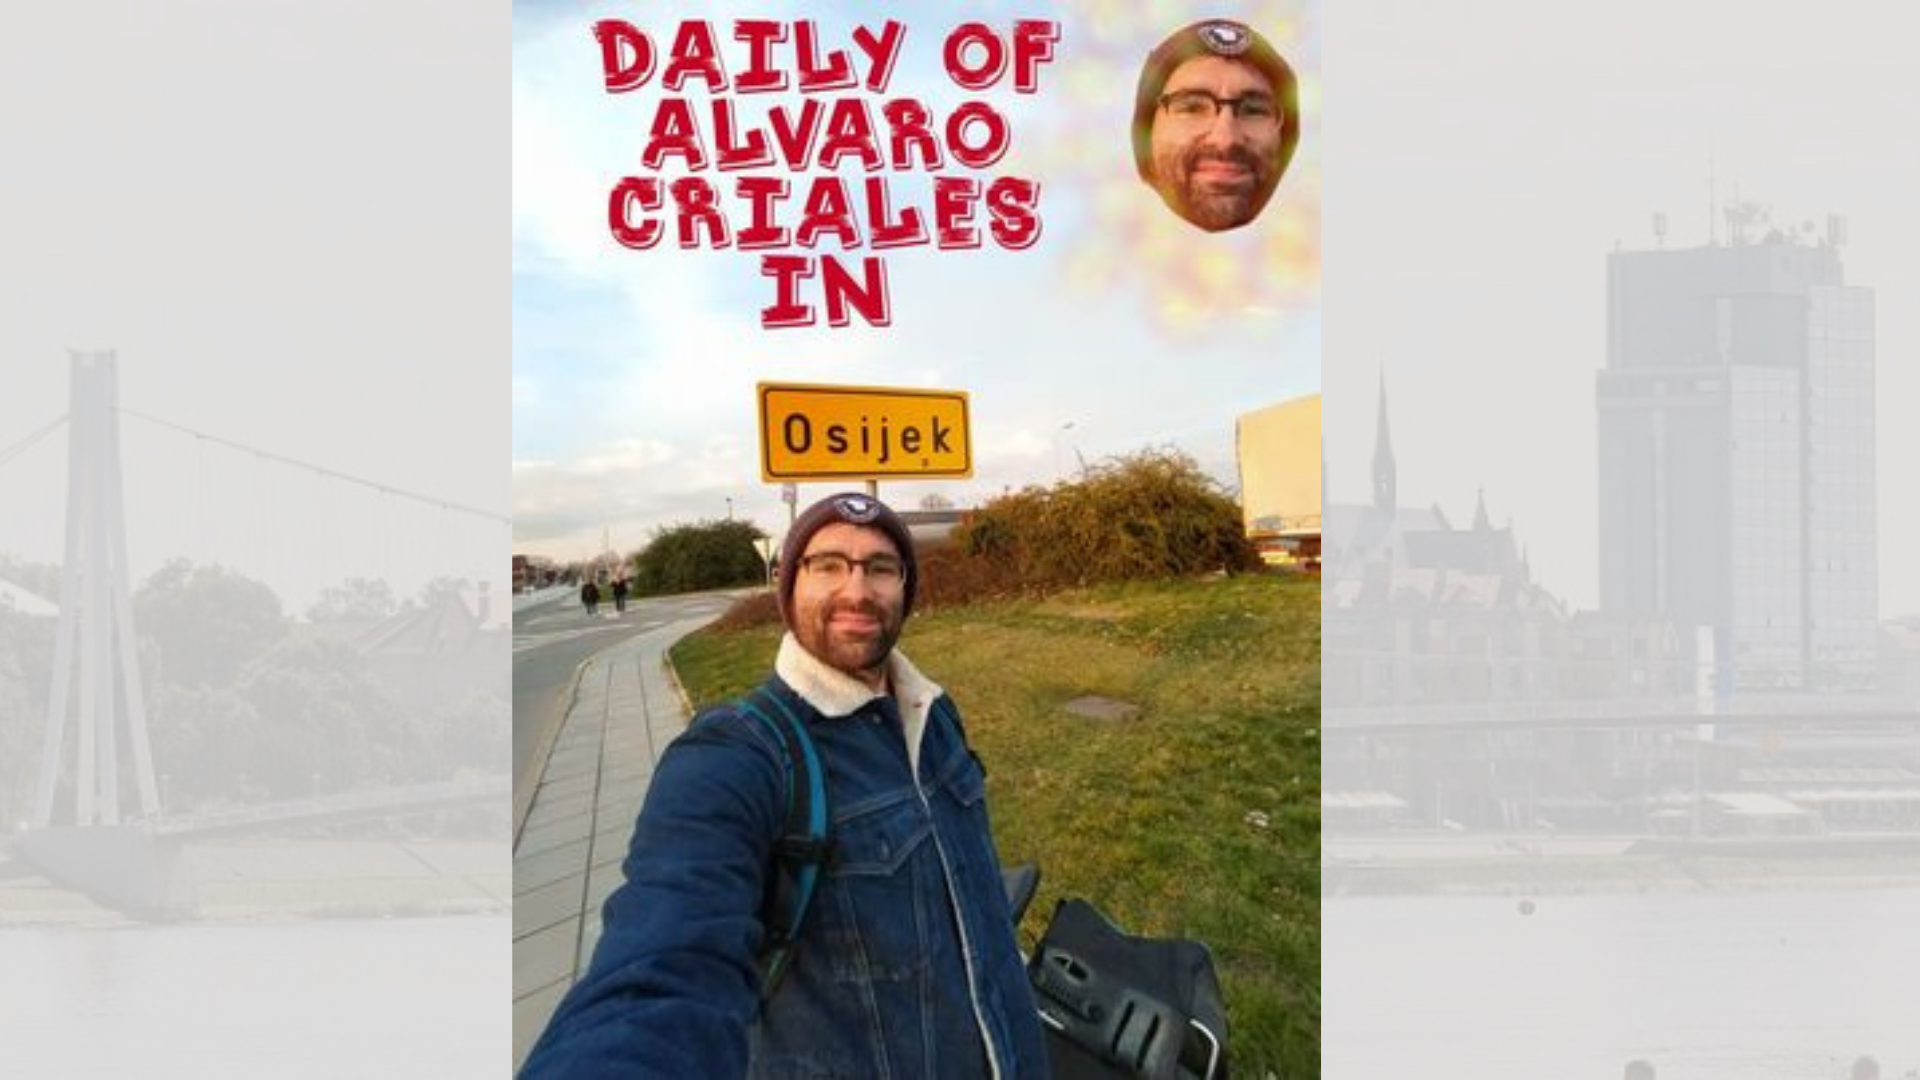 Alvaro: Prvi tjedan u Osijeku